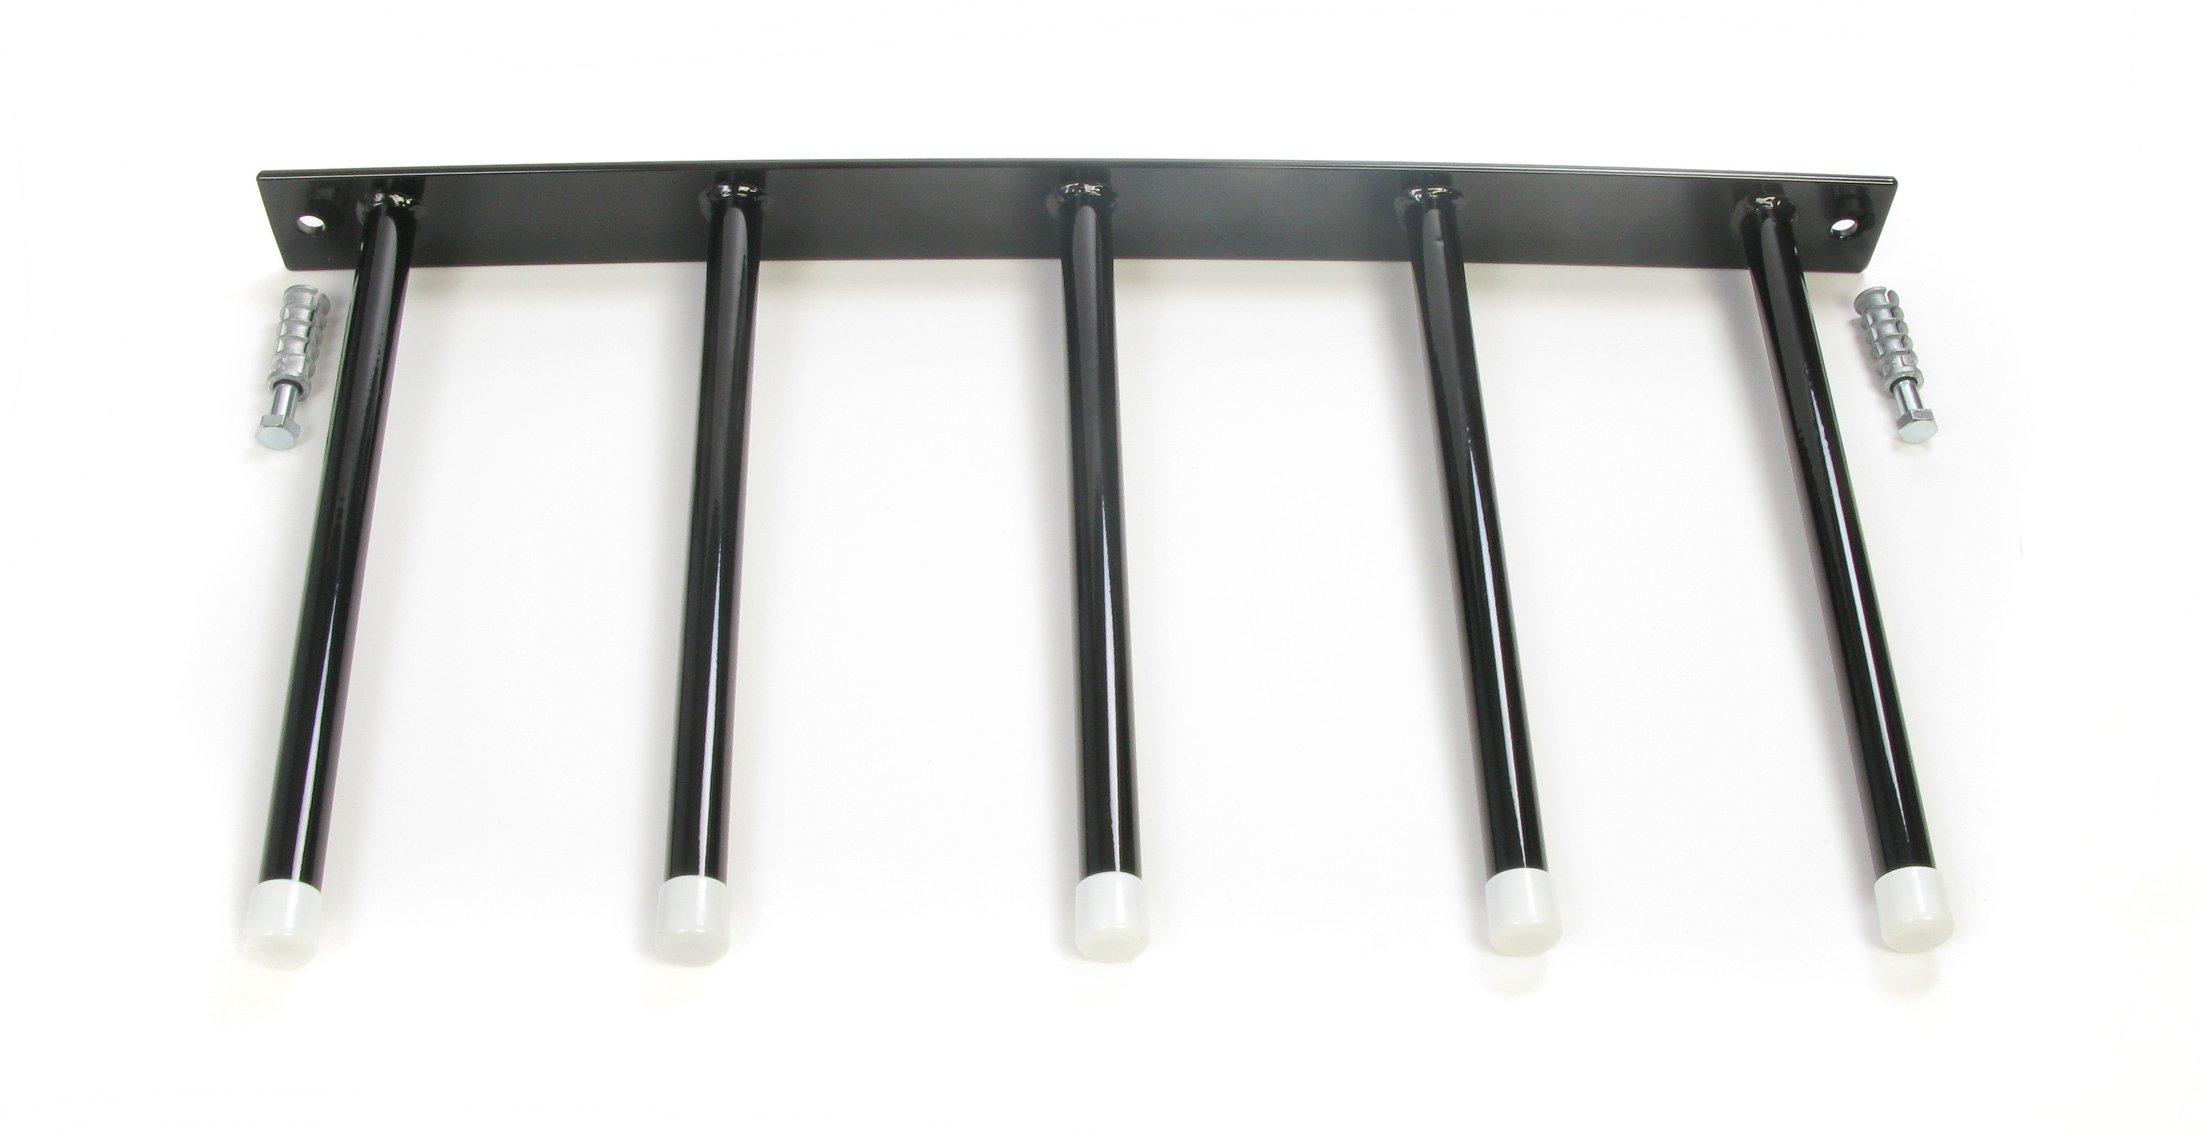 American Educational Products Rope/Hoop Storage Rack